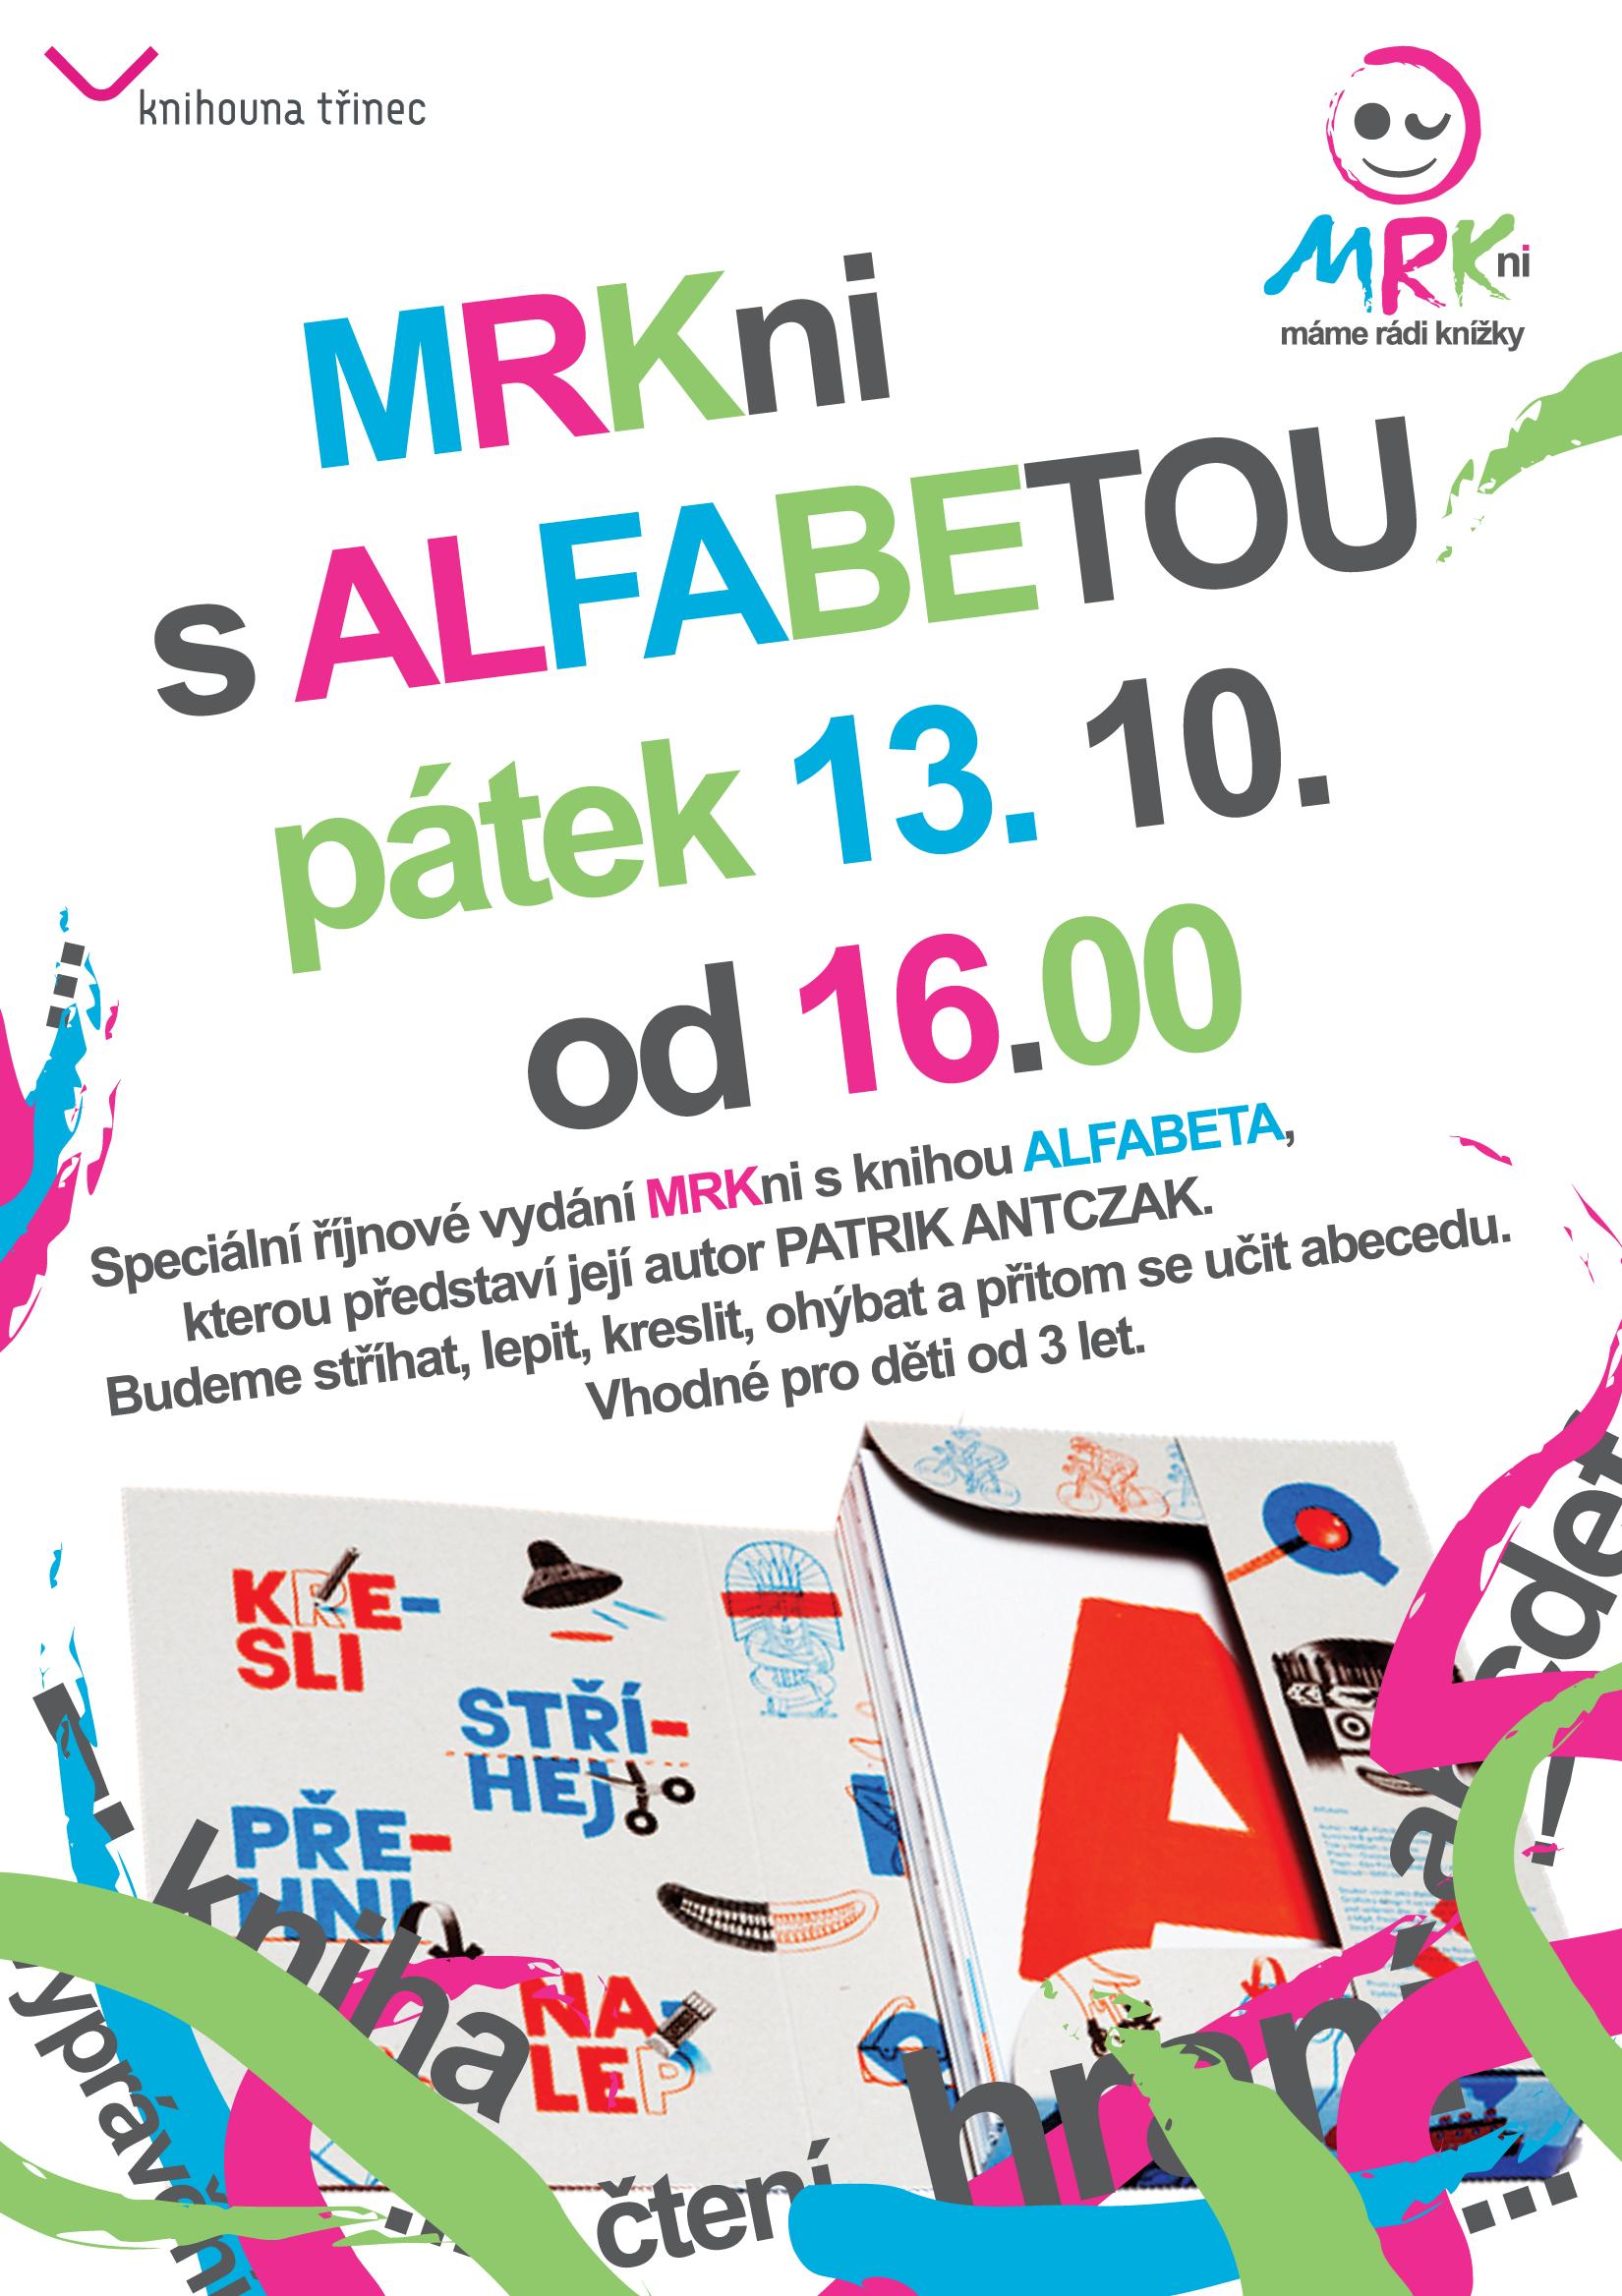 Plakát klub MRKni s alfabetou